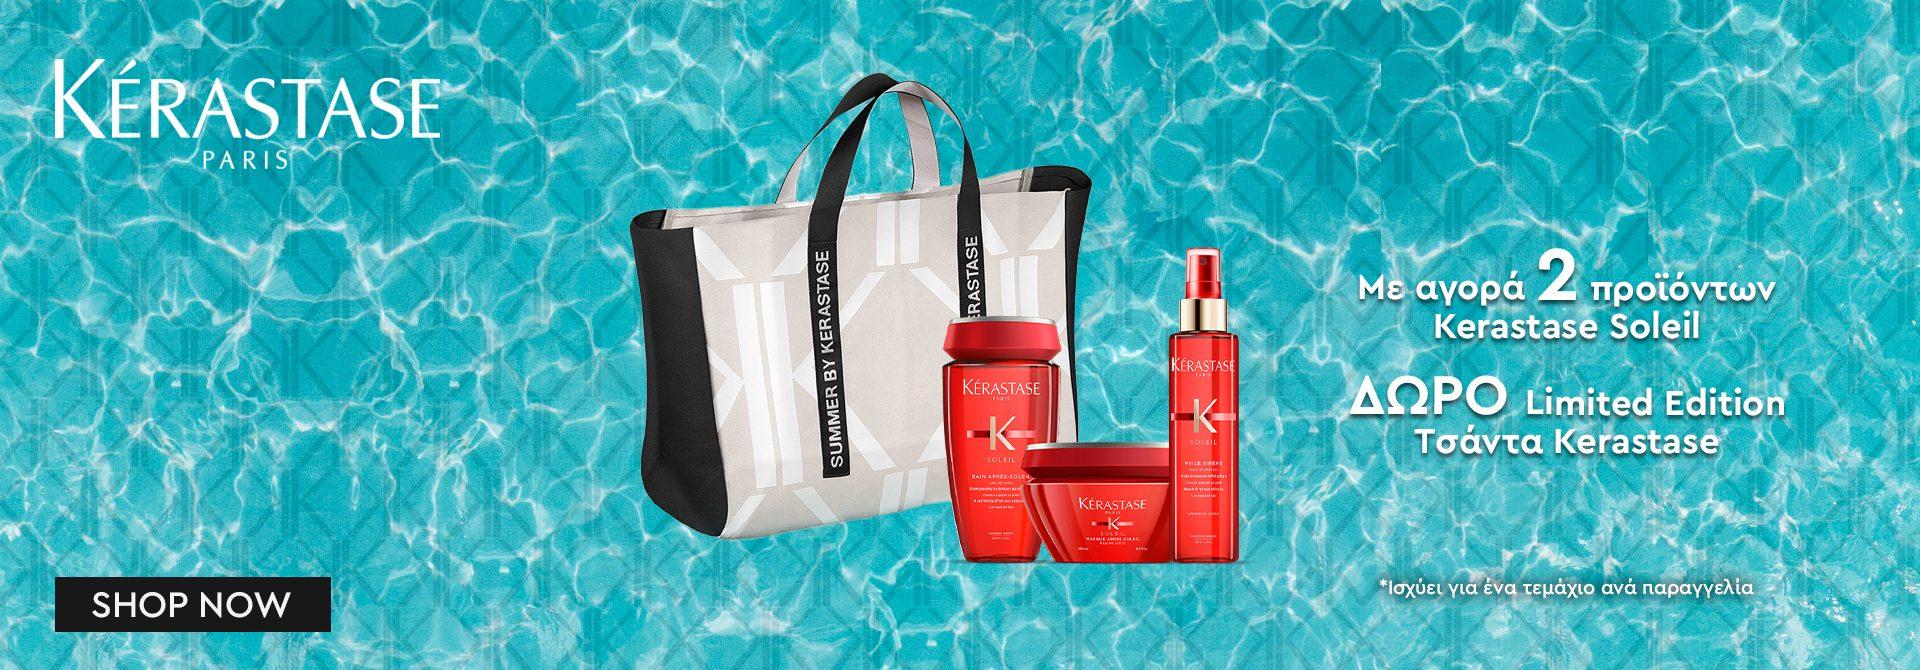 Kerastase - Soleil - Προσφορά - Offer - Δώρο - Τσάντα - Summer Bag - Le Tif